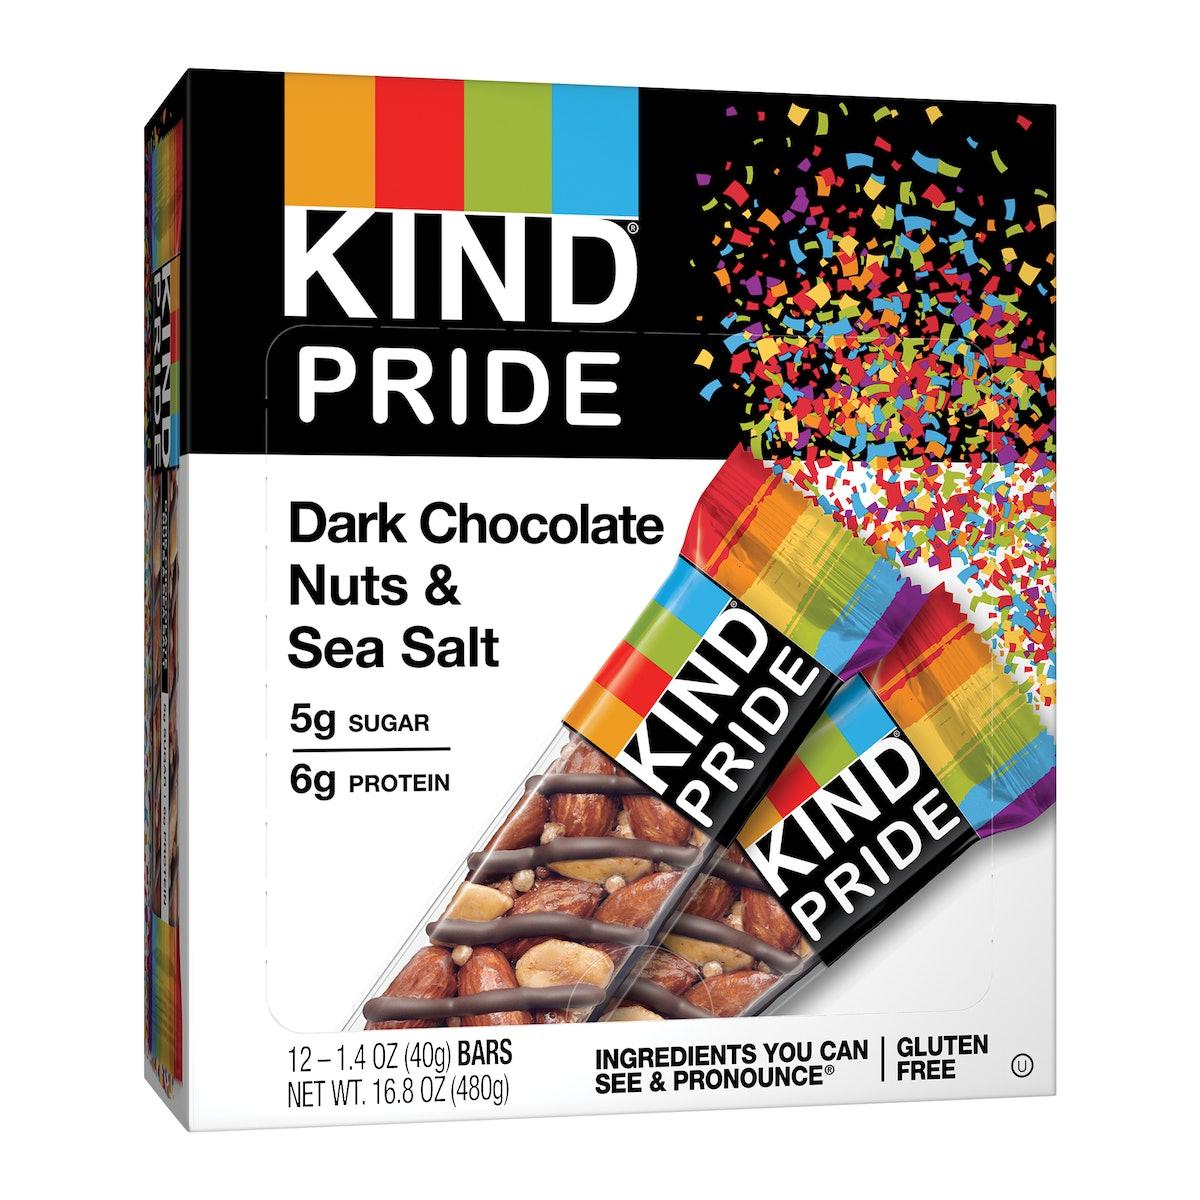 KIND PRIDE Dark Chocolate Nuts & Sea Salt